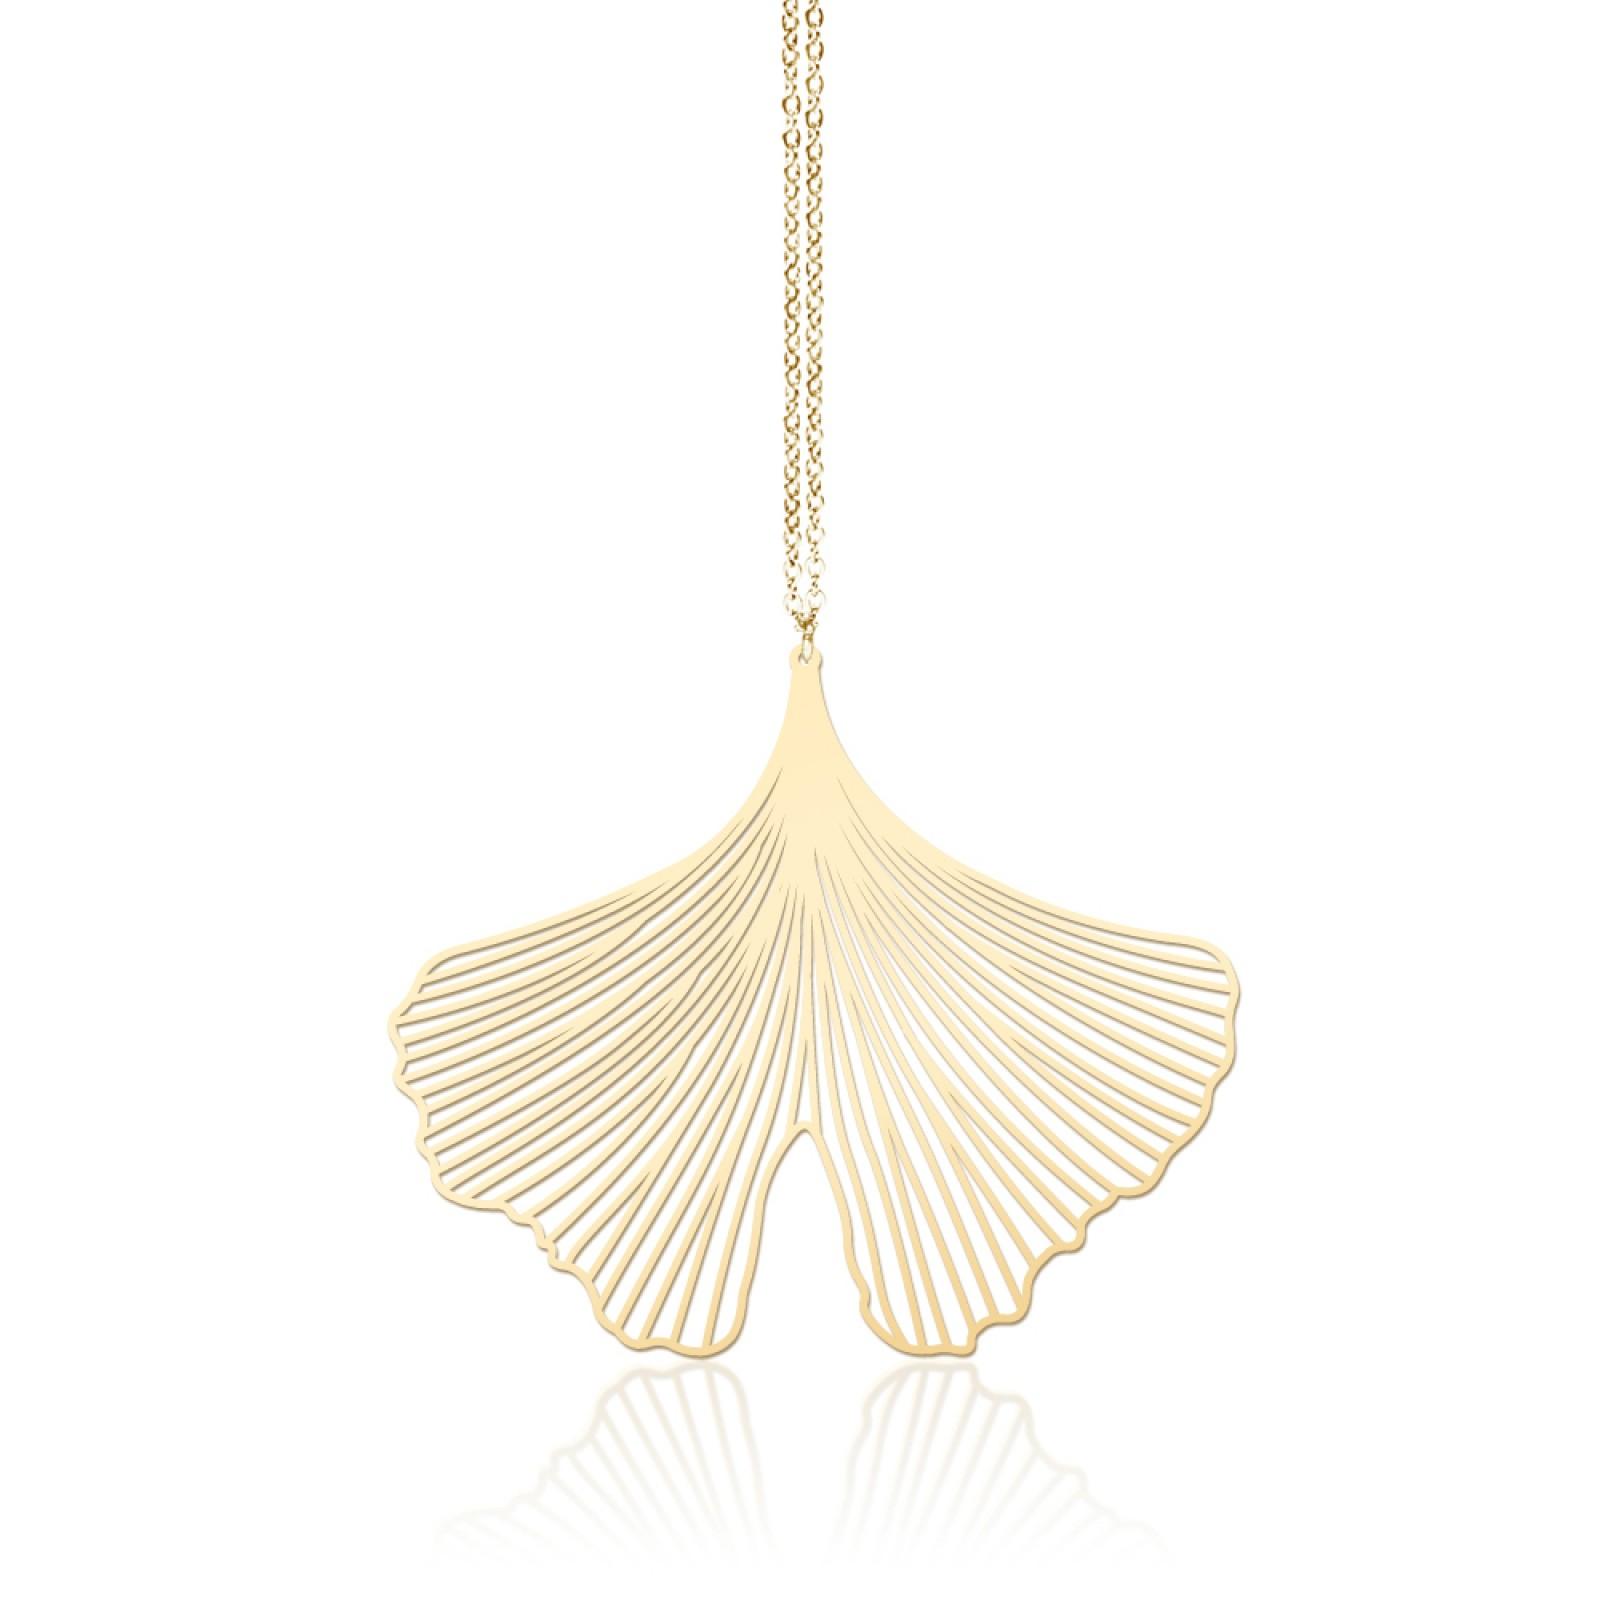 Κολιέ Μενταγιόν Ginkgo M (Χρυσό) - moorigin